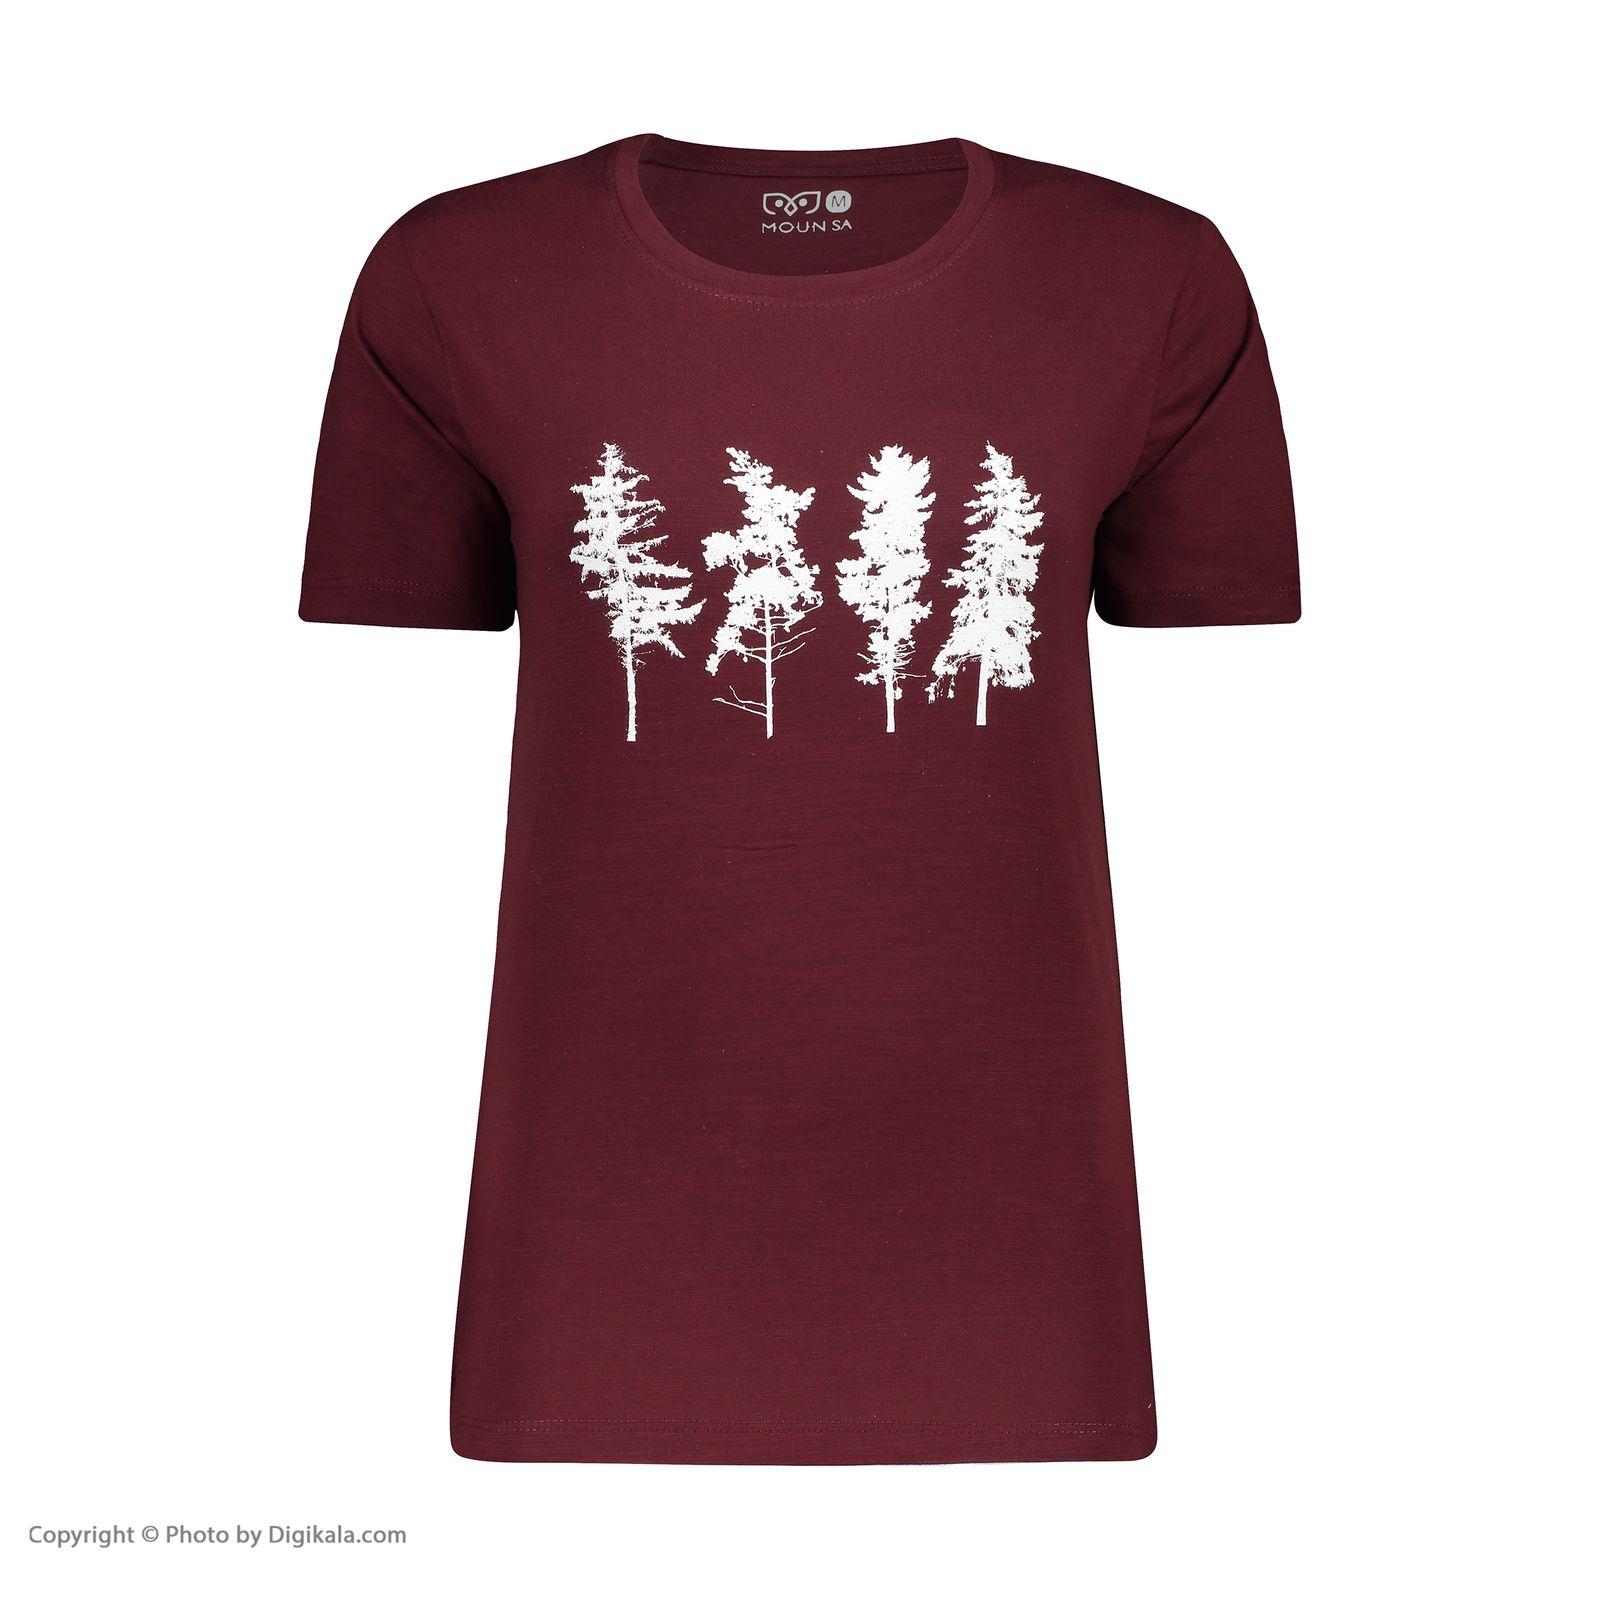 تصویر تی شرت زنانه مون مدل 163116770